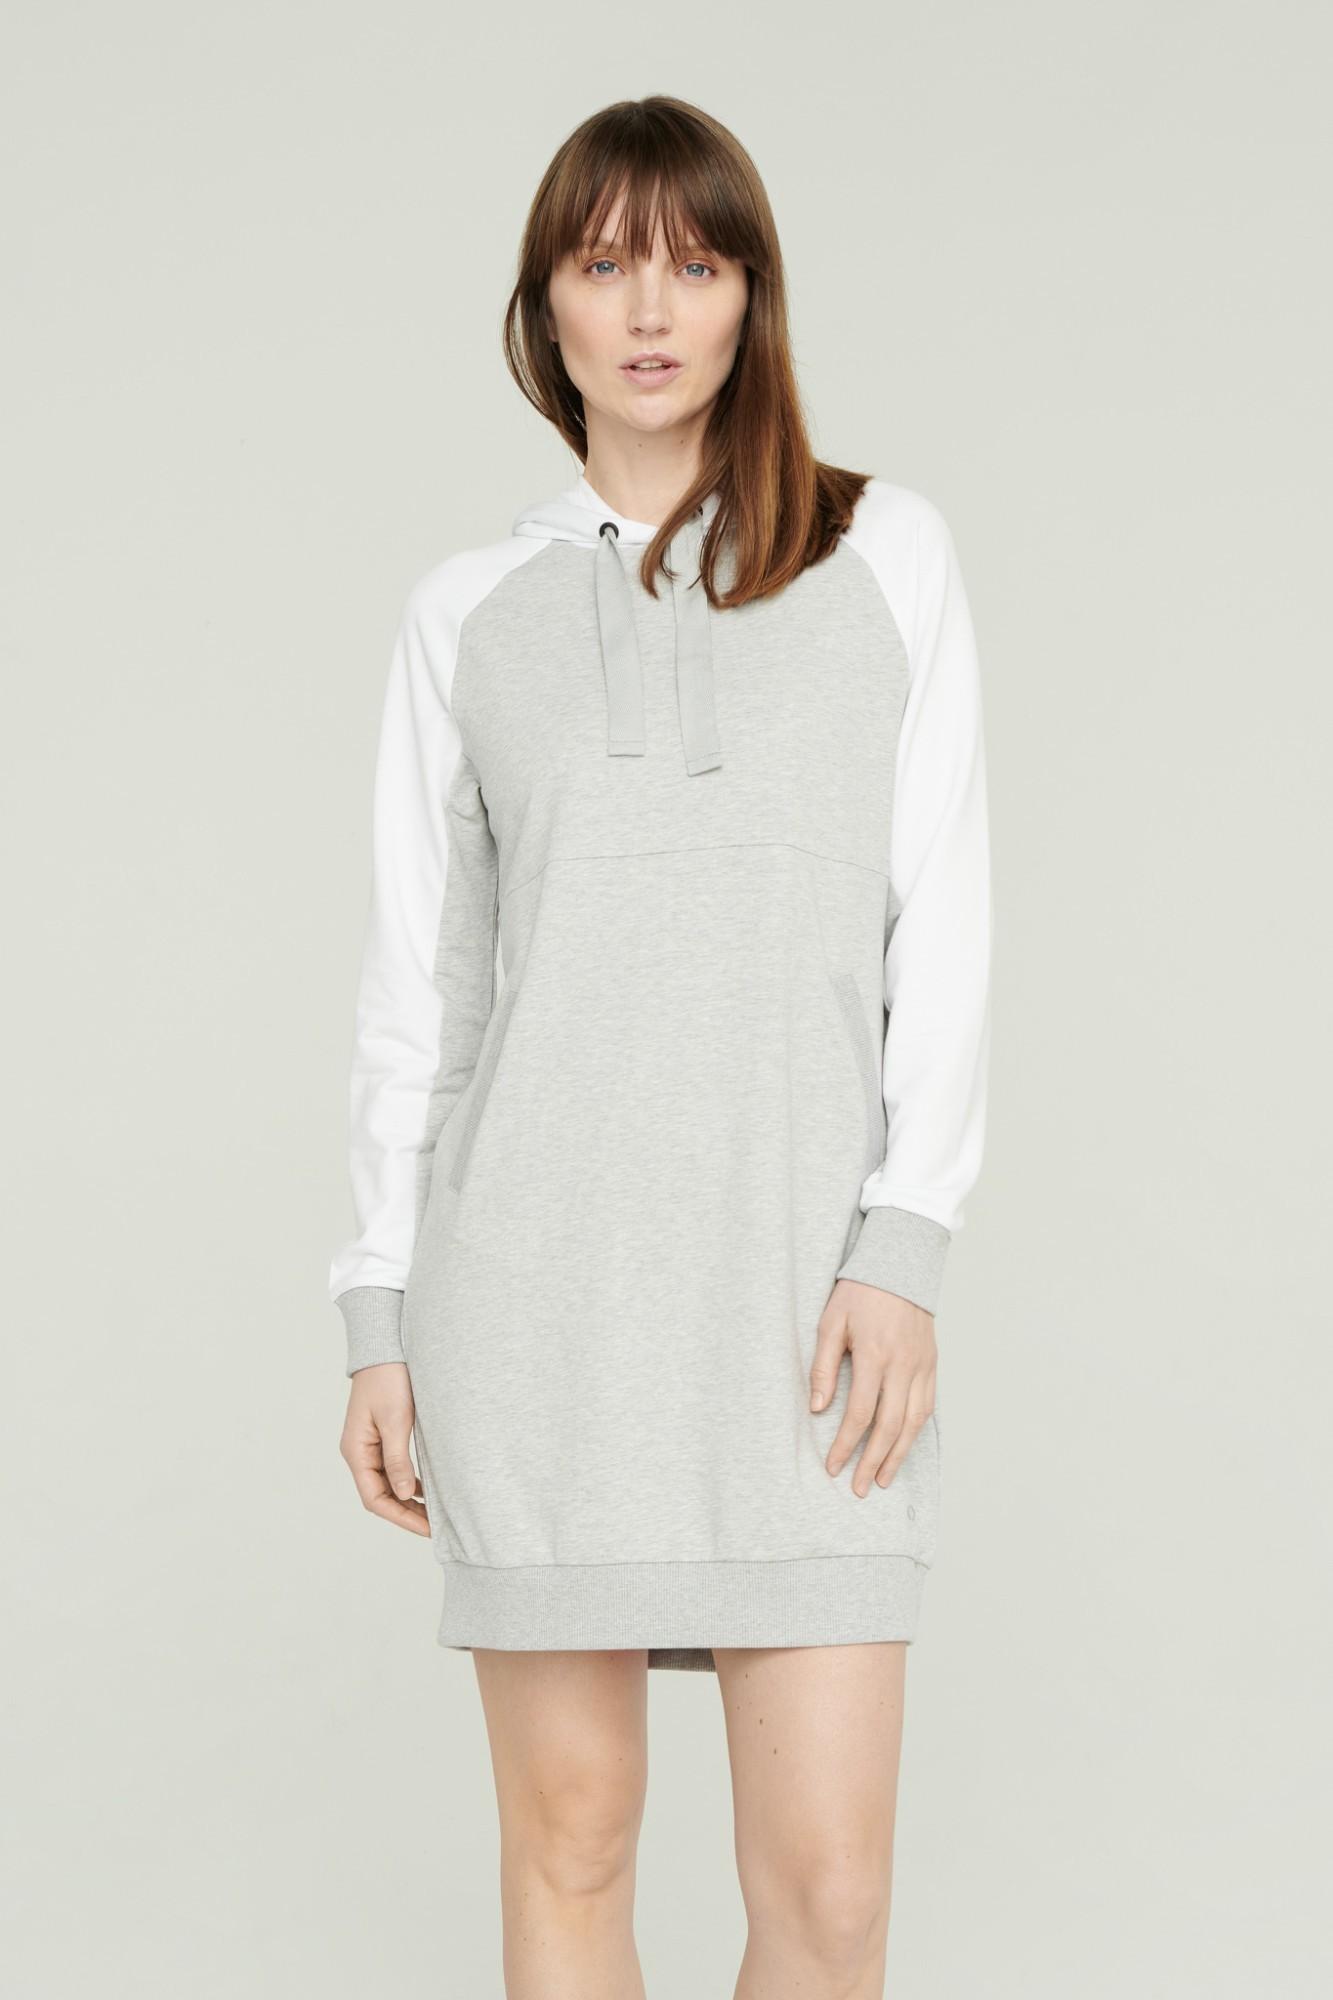 AUDIMAS Švelni modalo suknelė 2111-070 High Rise Melange L